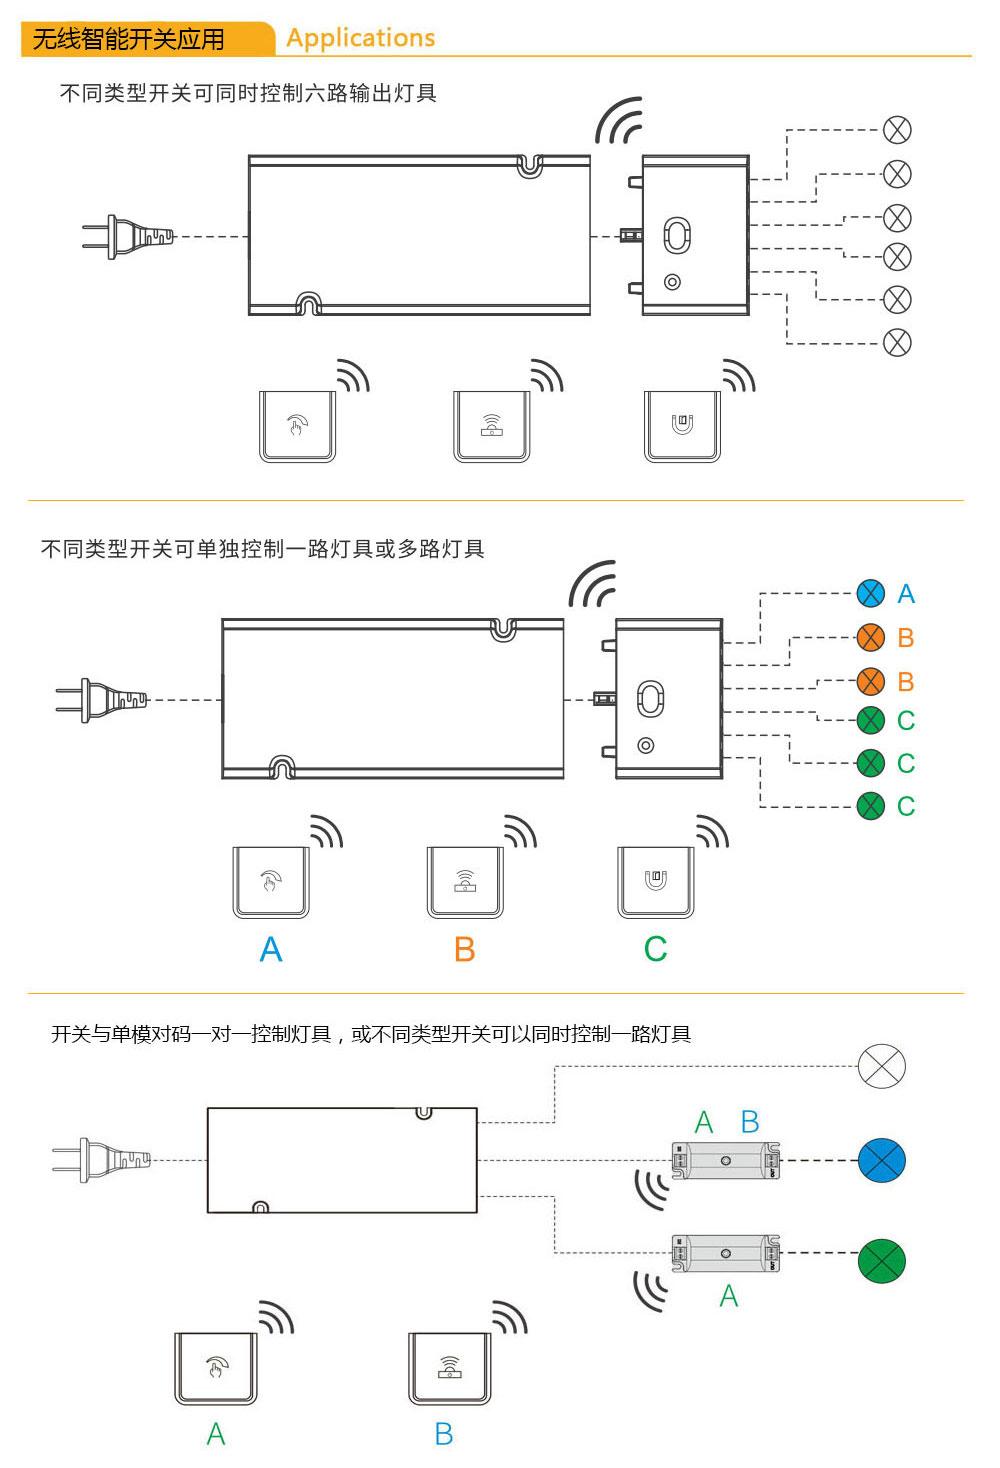 无线智能开关详情-中文_05